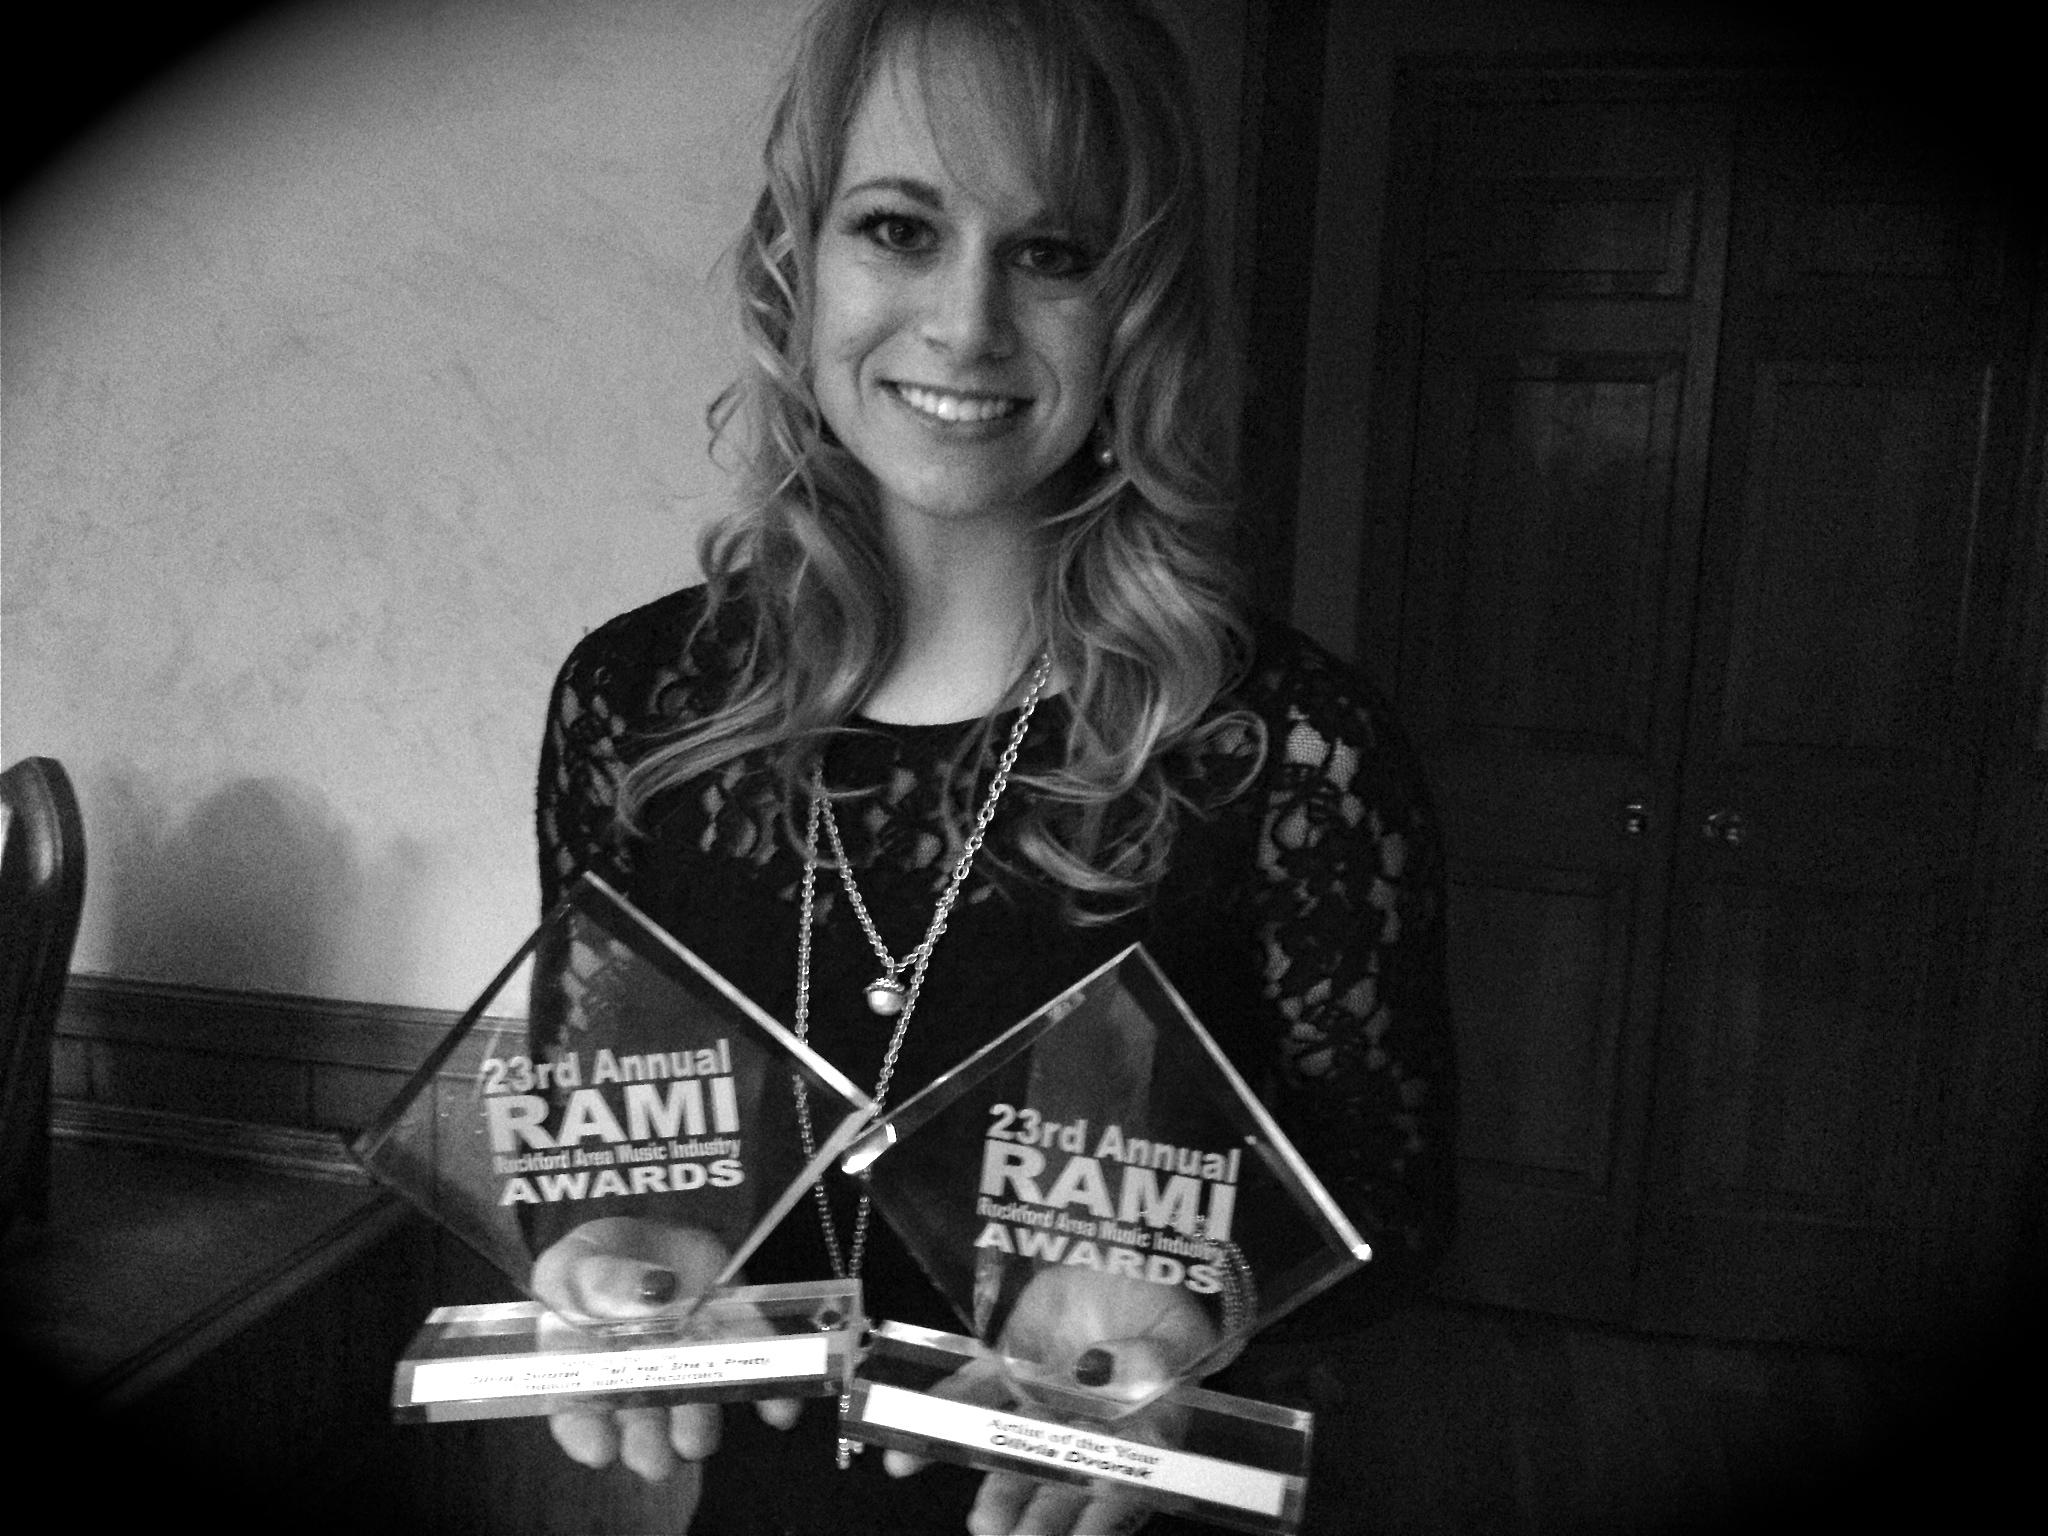 RAMI AWARD WINNER